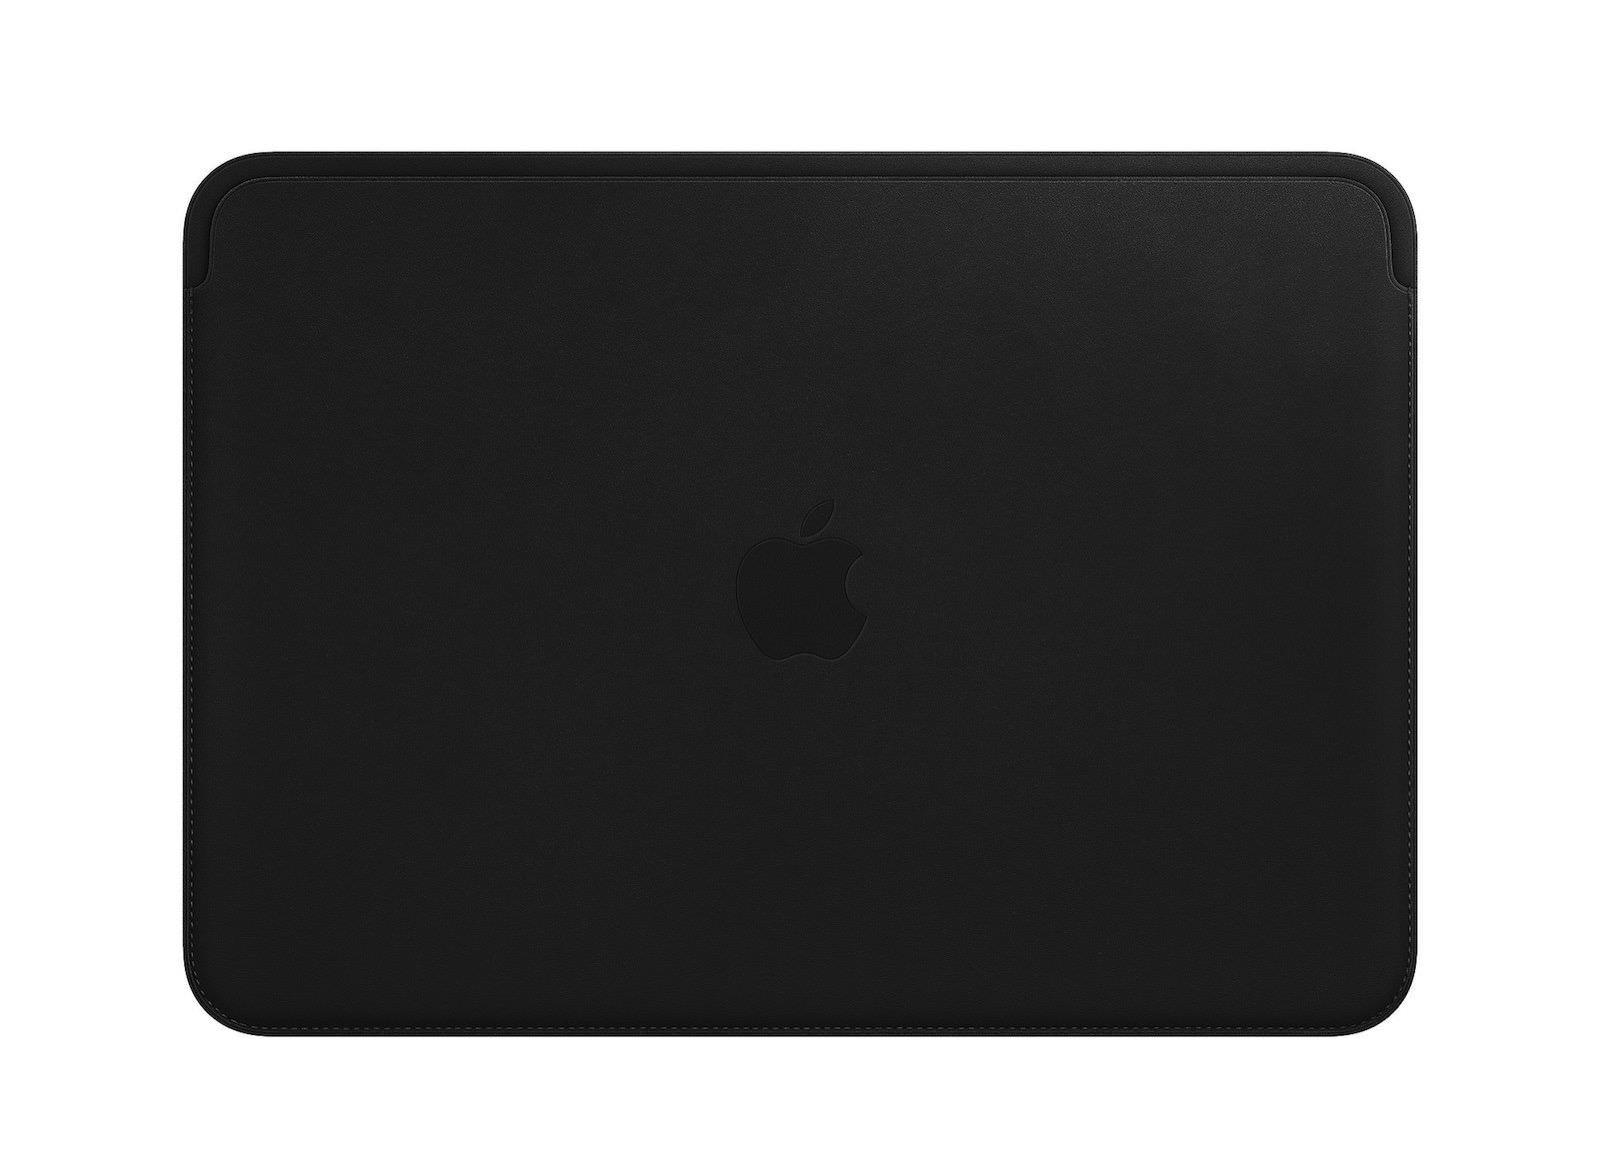 MacBook-Leather-Sleave.jpeg